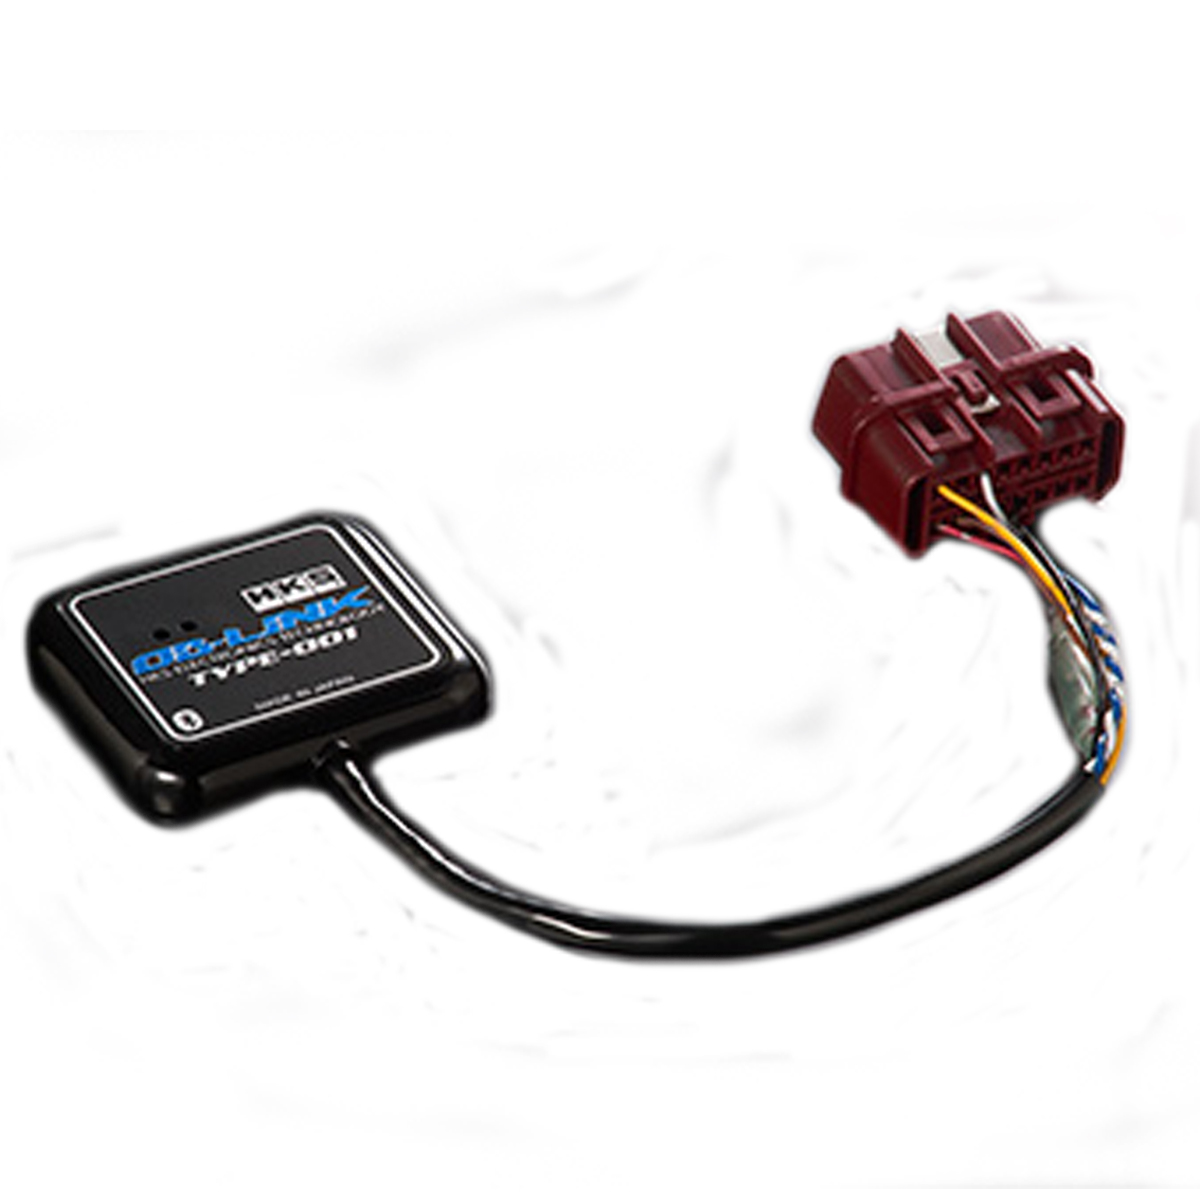 デイズ DAYZ モニター OBリンク モニター OBリンク タイプ 001 B21W HKS 44009-AK002 HKS エレクトリニクス, サトミムラ:130d2b1a --- sunward.msk.ru